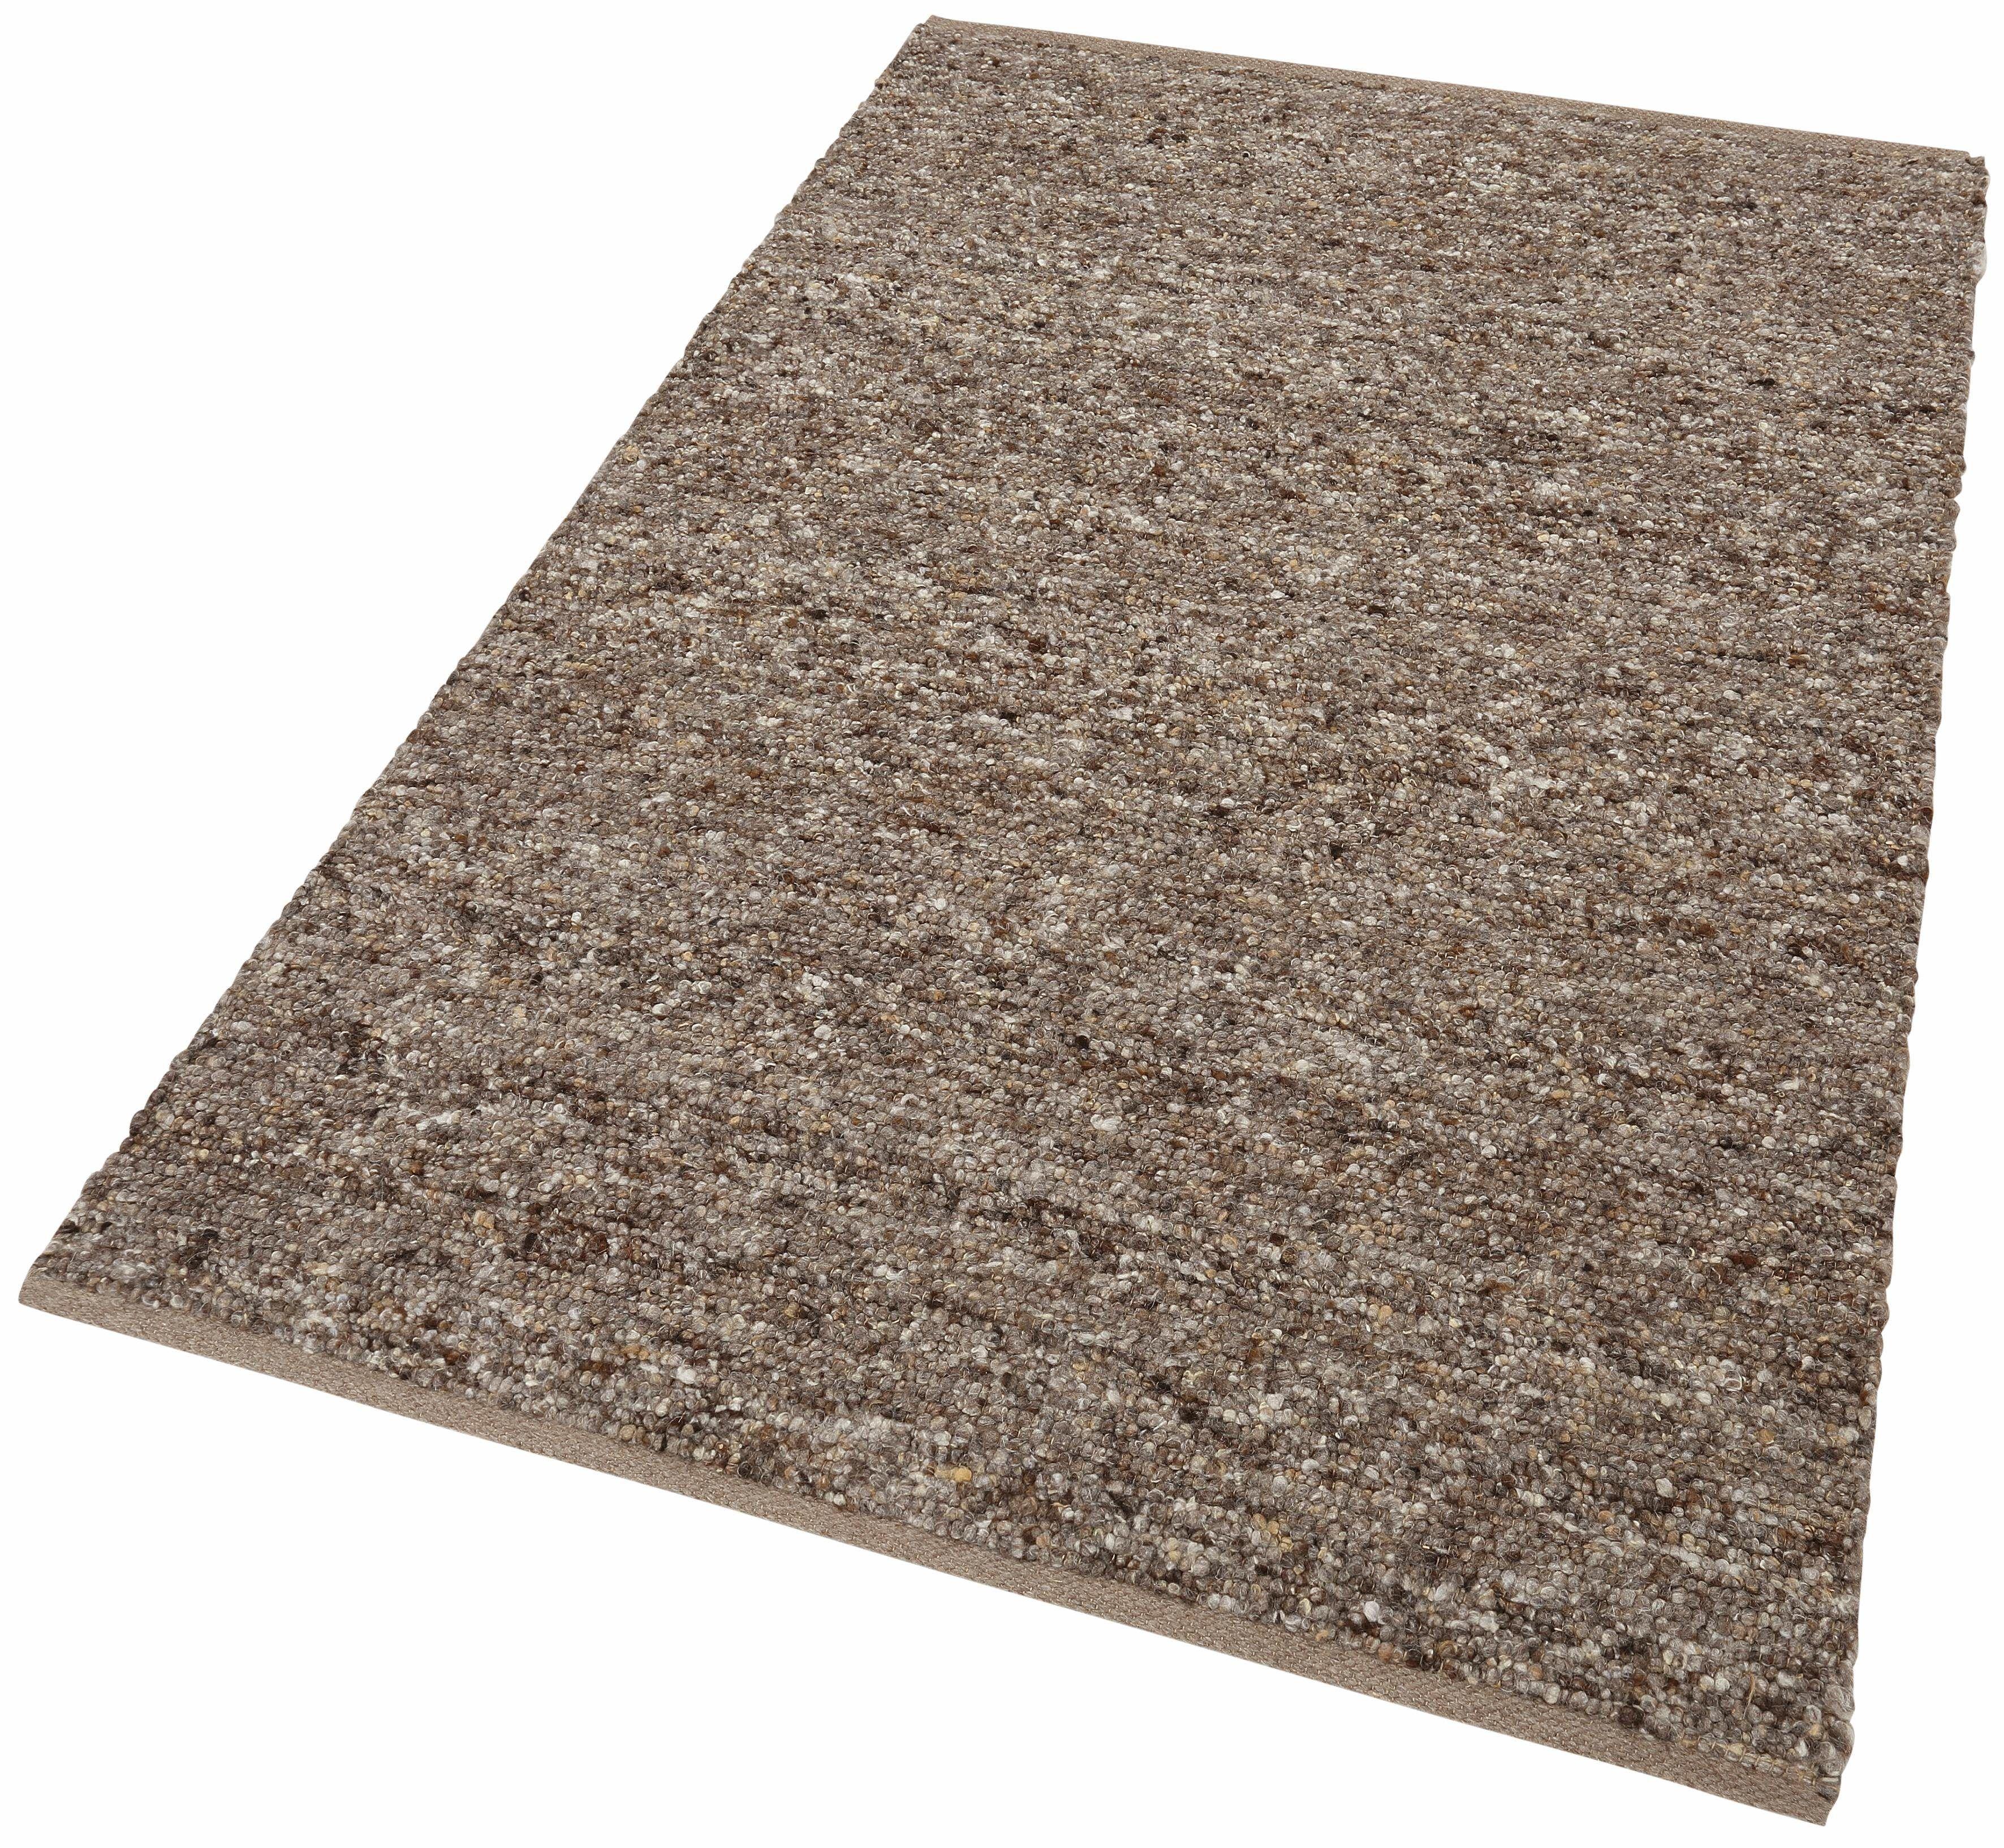 Allgäuer Teppiche teppich allgäu theko exklusiv rechteckig höhe 10 mm